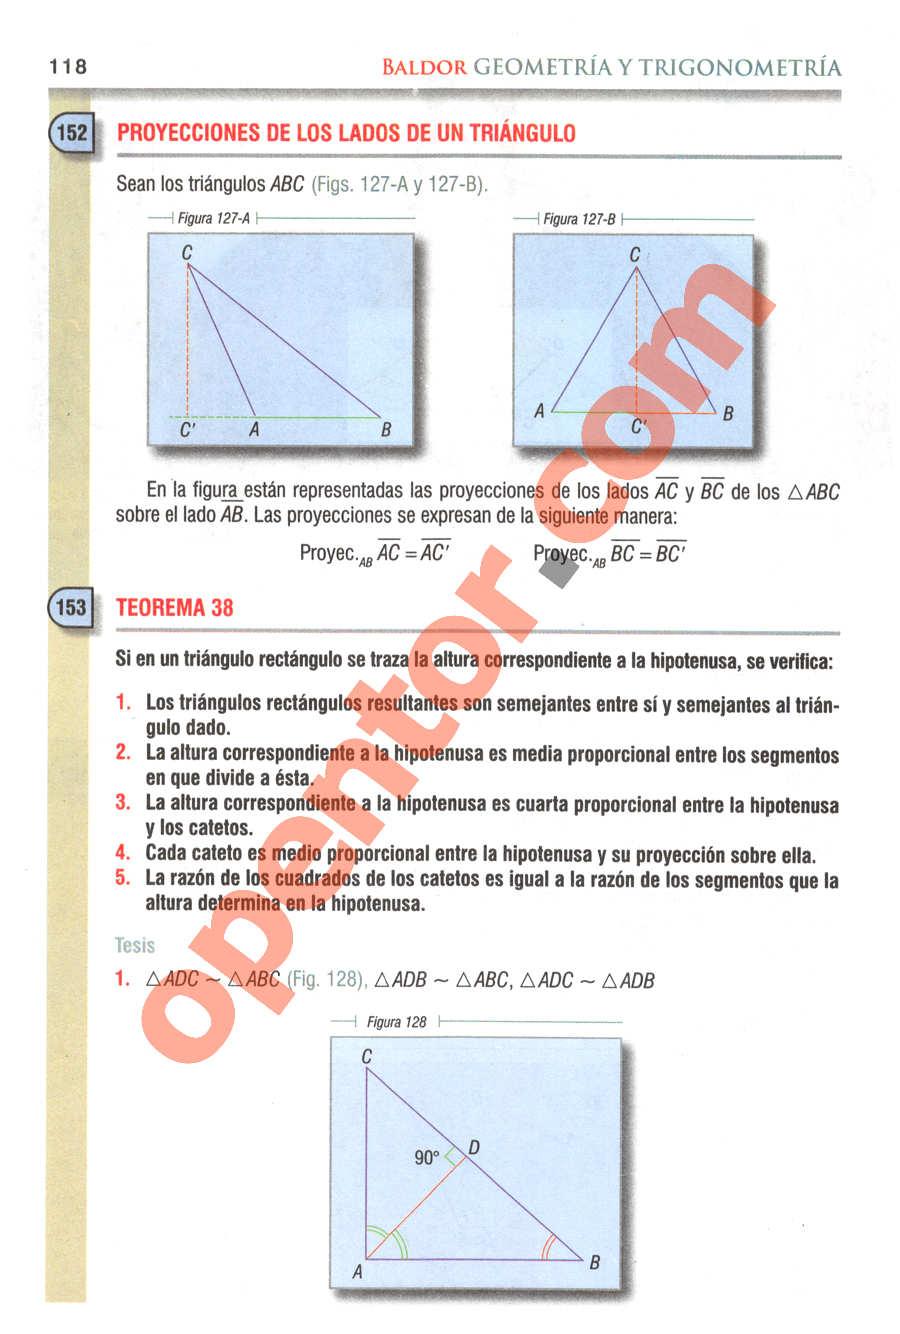 Geometría y Trigonometría de Baldor - Página 118